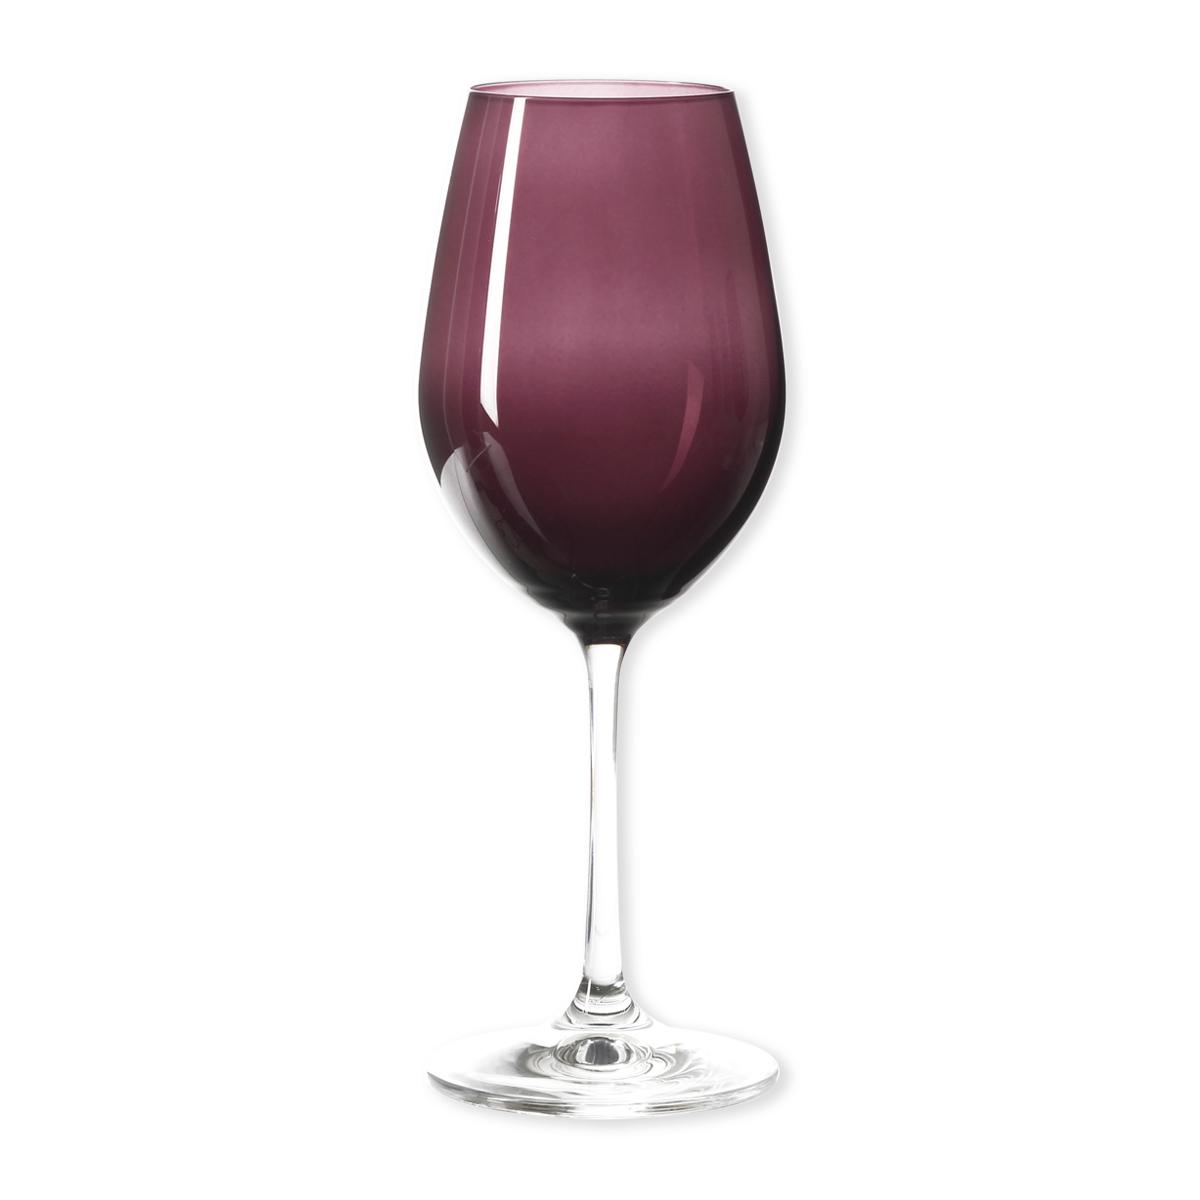 verre vin couleur bordeaux verres vin design bruno evrard. Black Bedroom Furniture Sets. Home Design Ideas